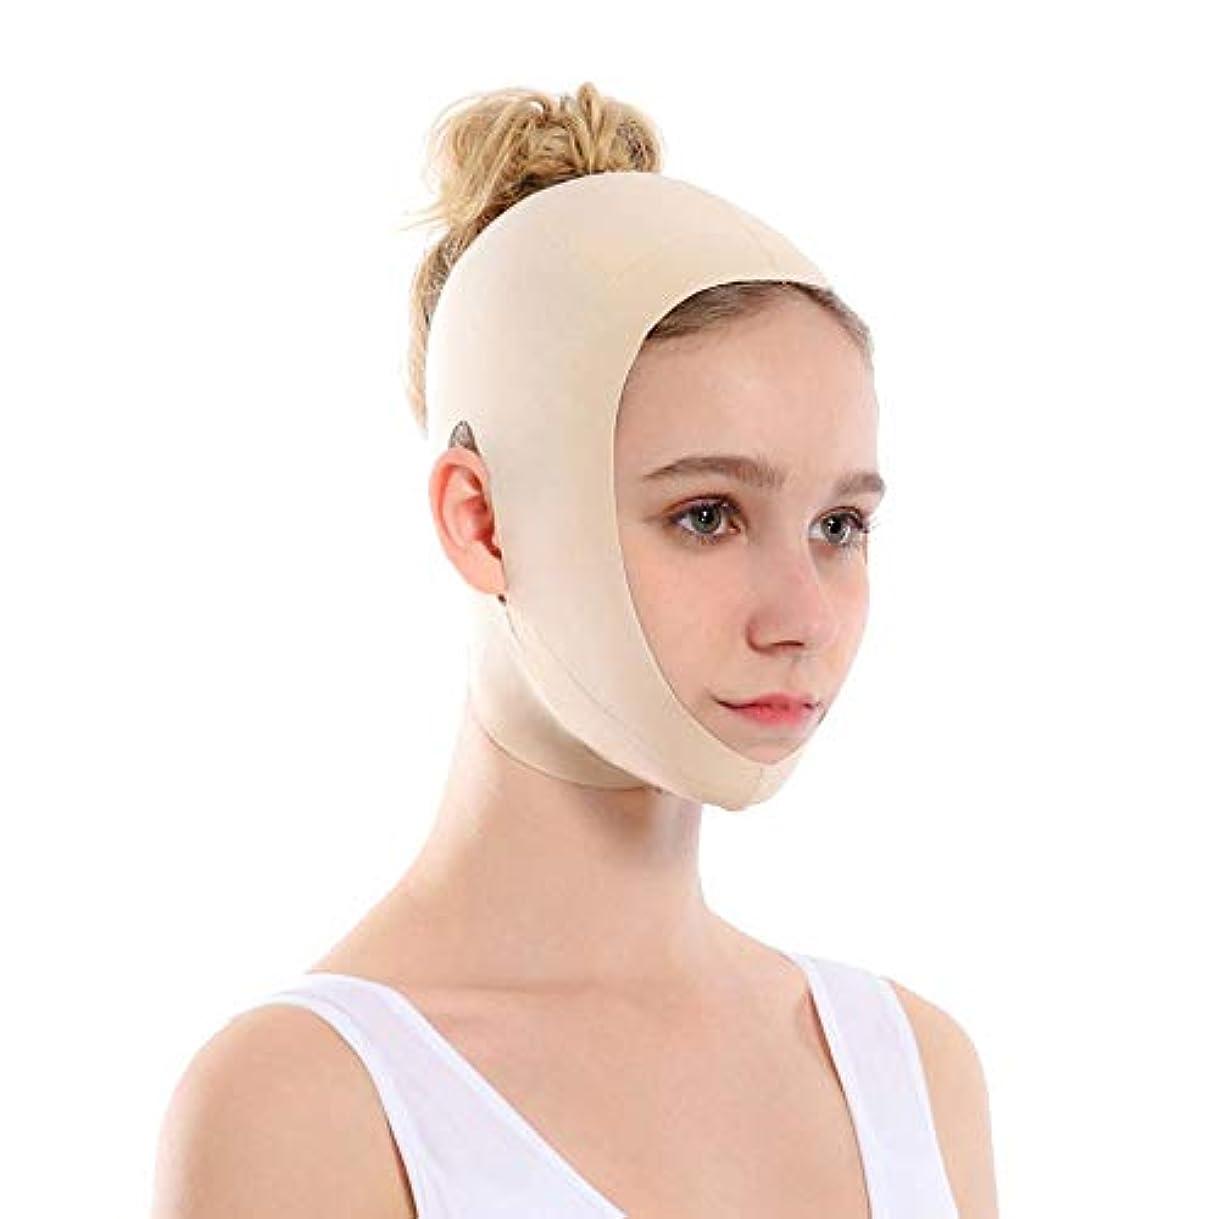 フィードバックグッゲンハイム美術館ディンカルビル顔を持ち上げるアーティファクトVフェイス包帯リフティング引き締め睡眠薄い顔を整形持ち上げる顔を二重あご矯正 - 肌の色